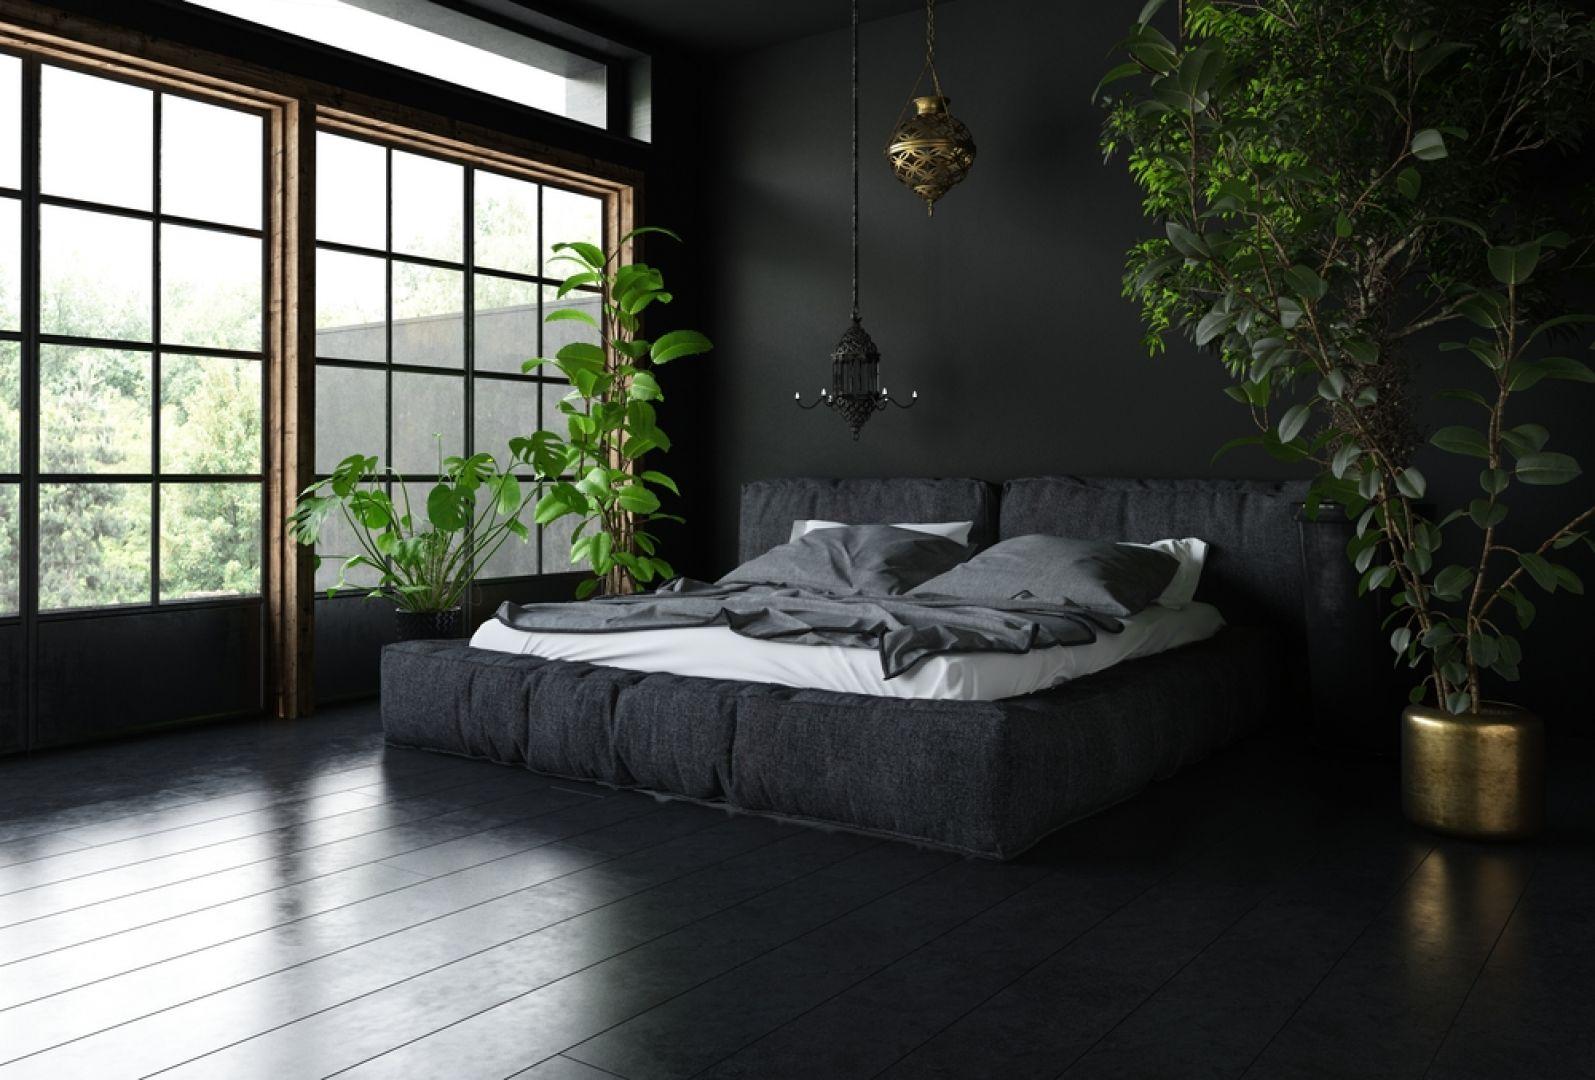 Minimalistyczne wnętrza są ostoją – tym bardziej, jeśli pójdziemy o krok dalej i urządzimy sobie naprawdę stylowy pokój w jednolitym kolorze. Fot. CIQ